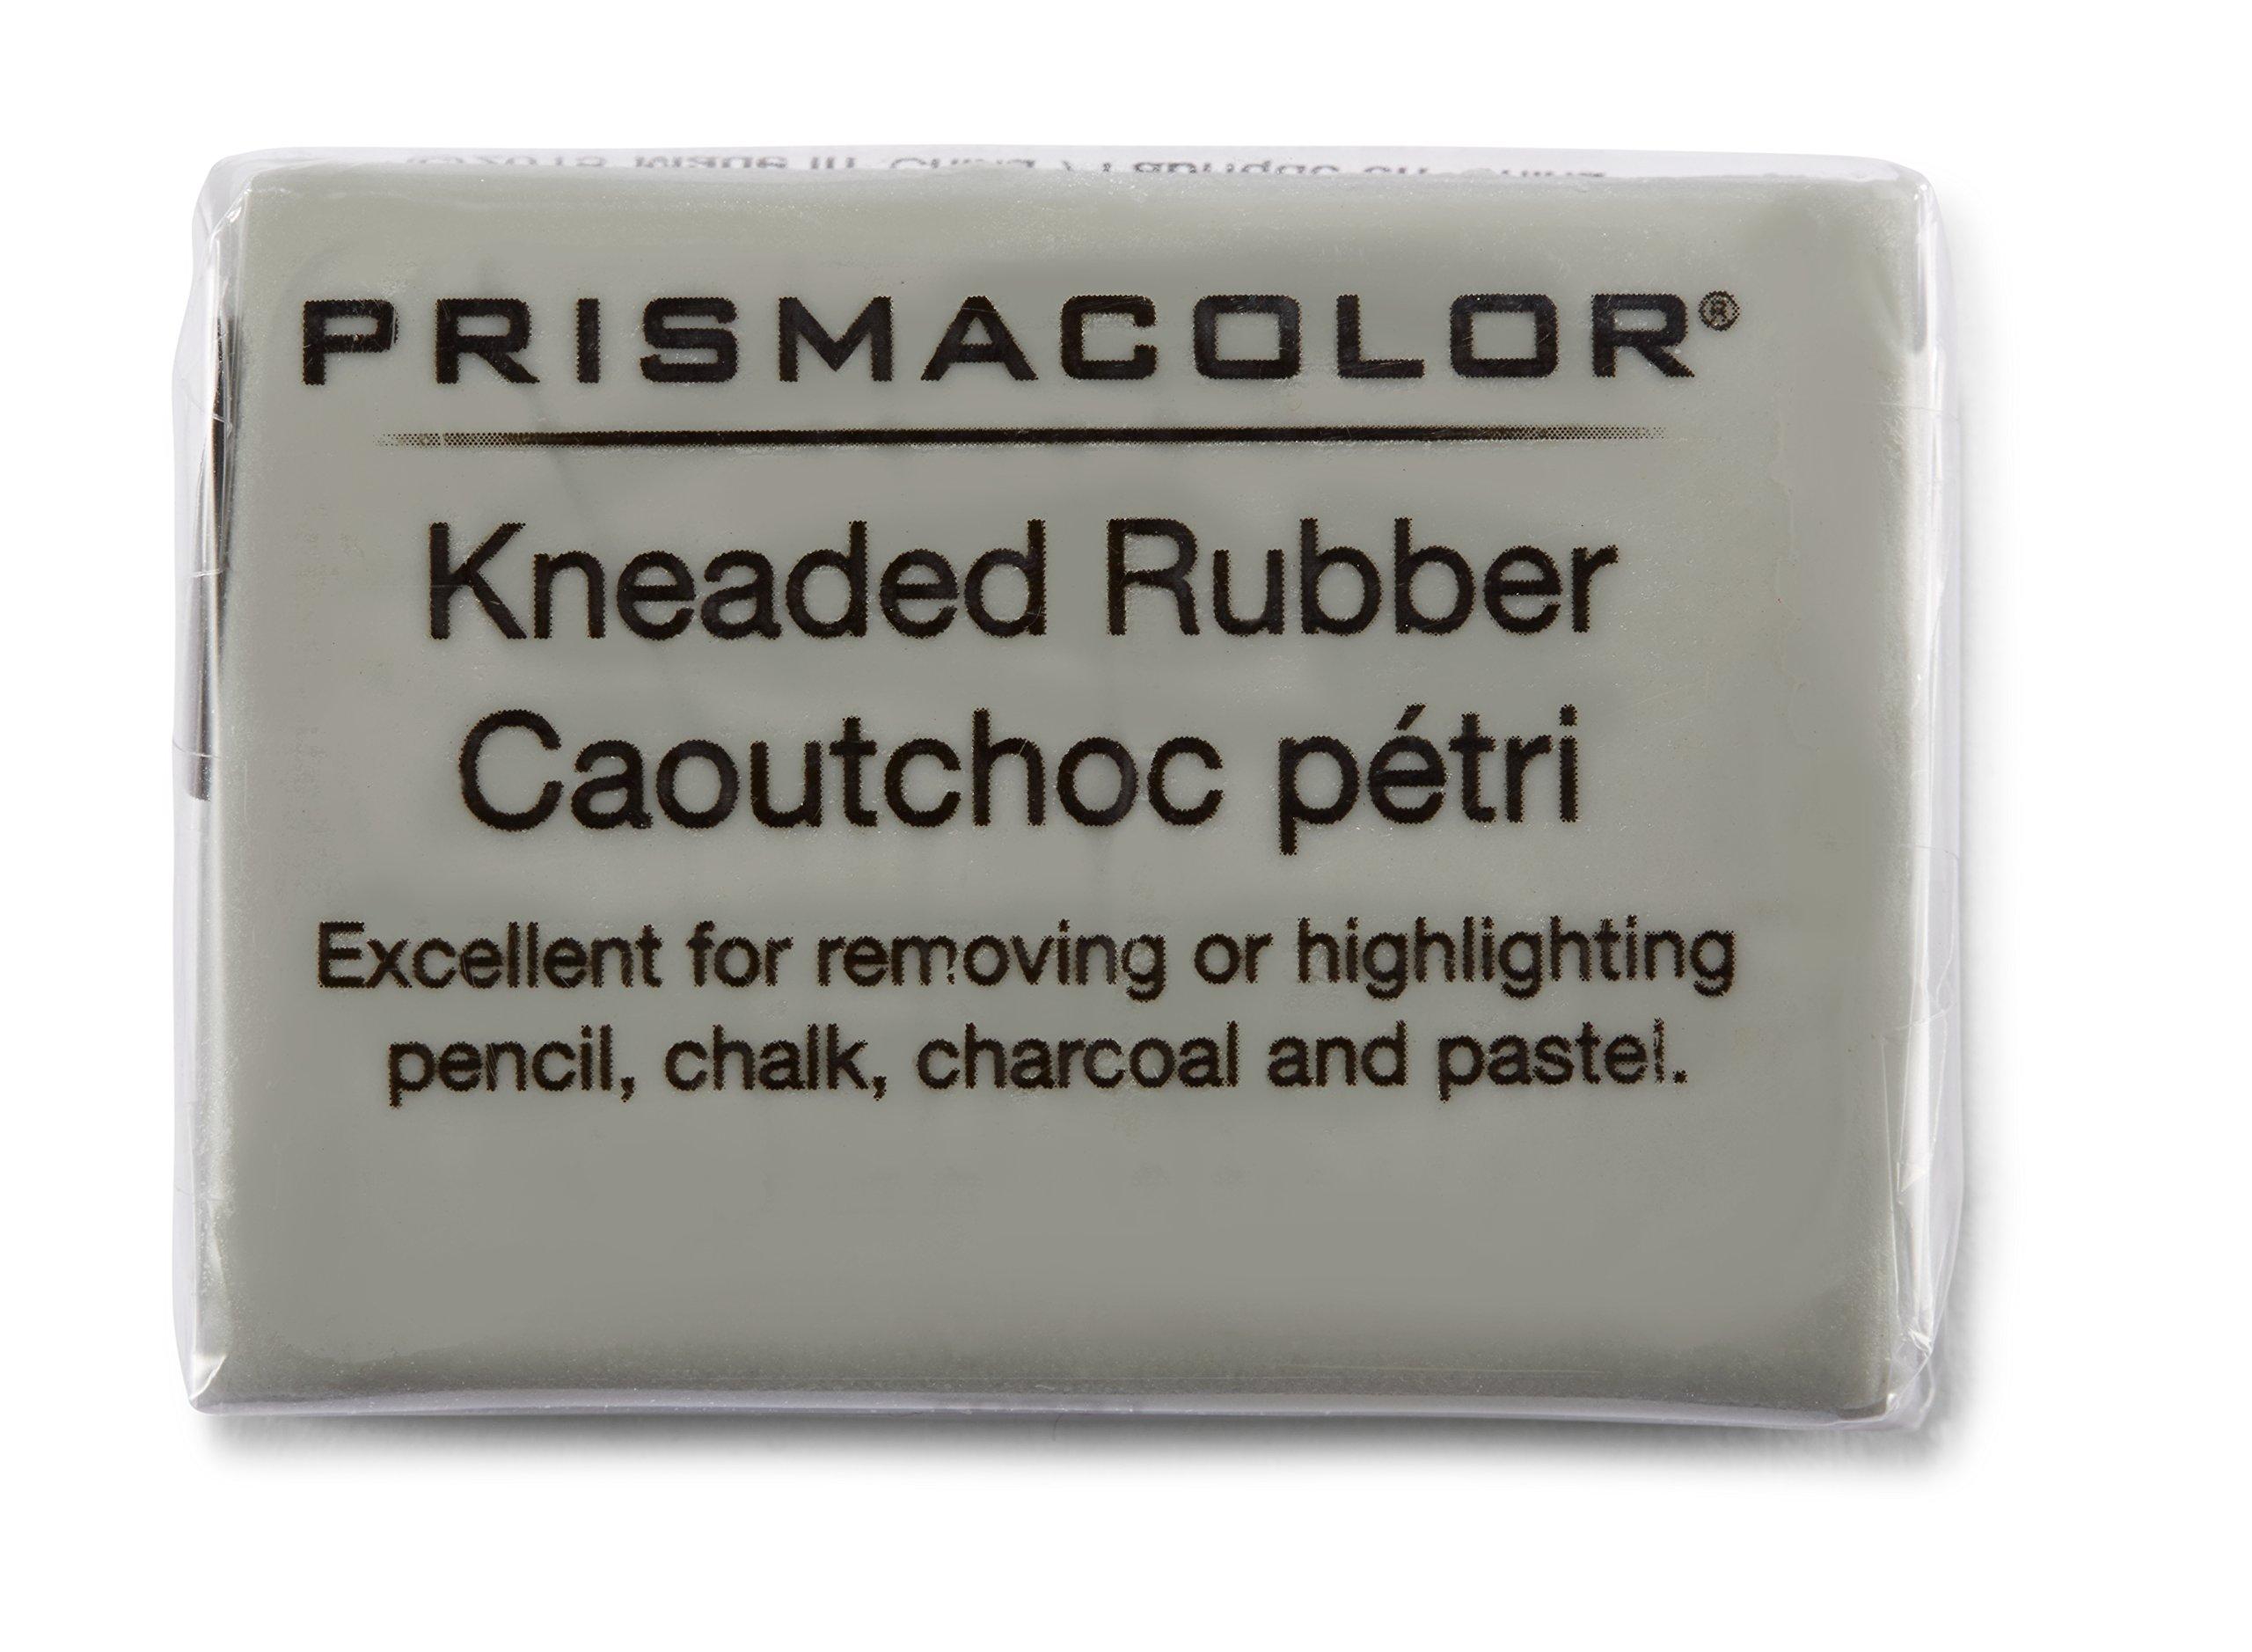 Prismacolor Premier Kneaded Rubber Eraser, Large, 1 Pack by Prismacolor (Image #1)